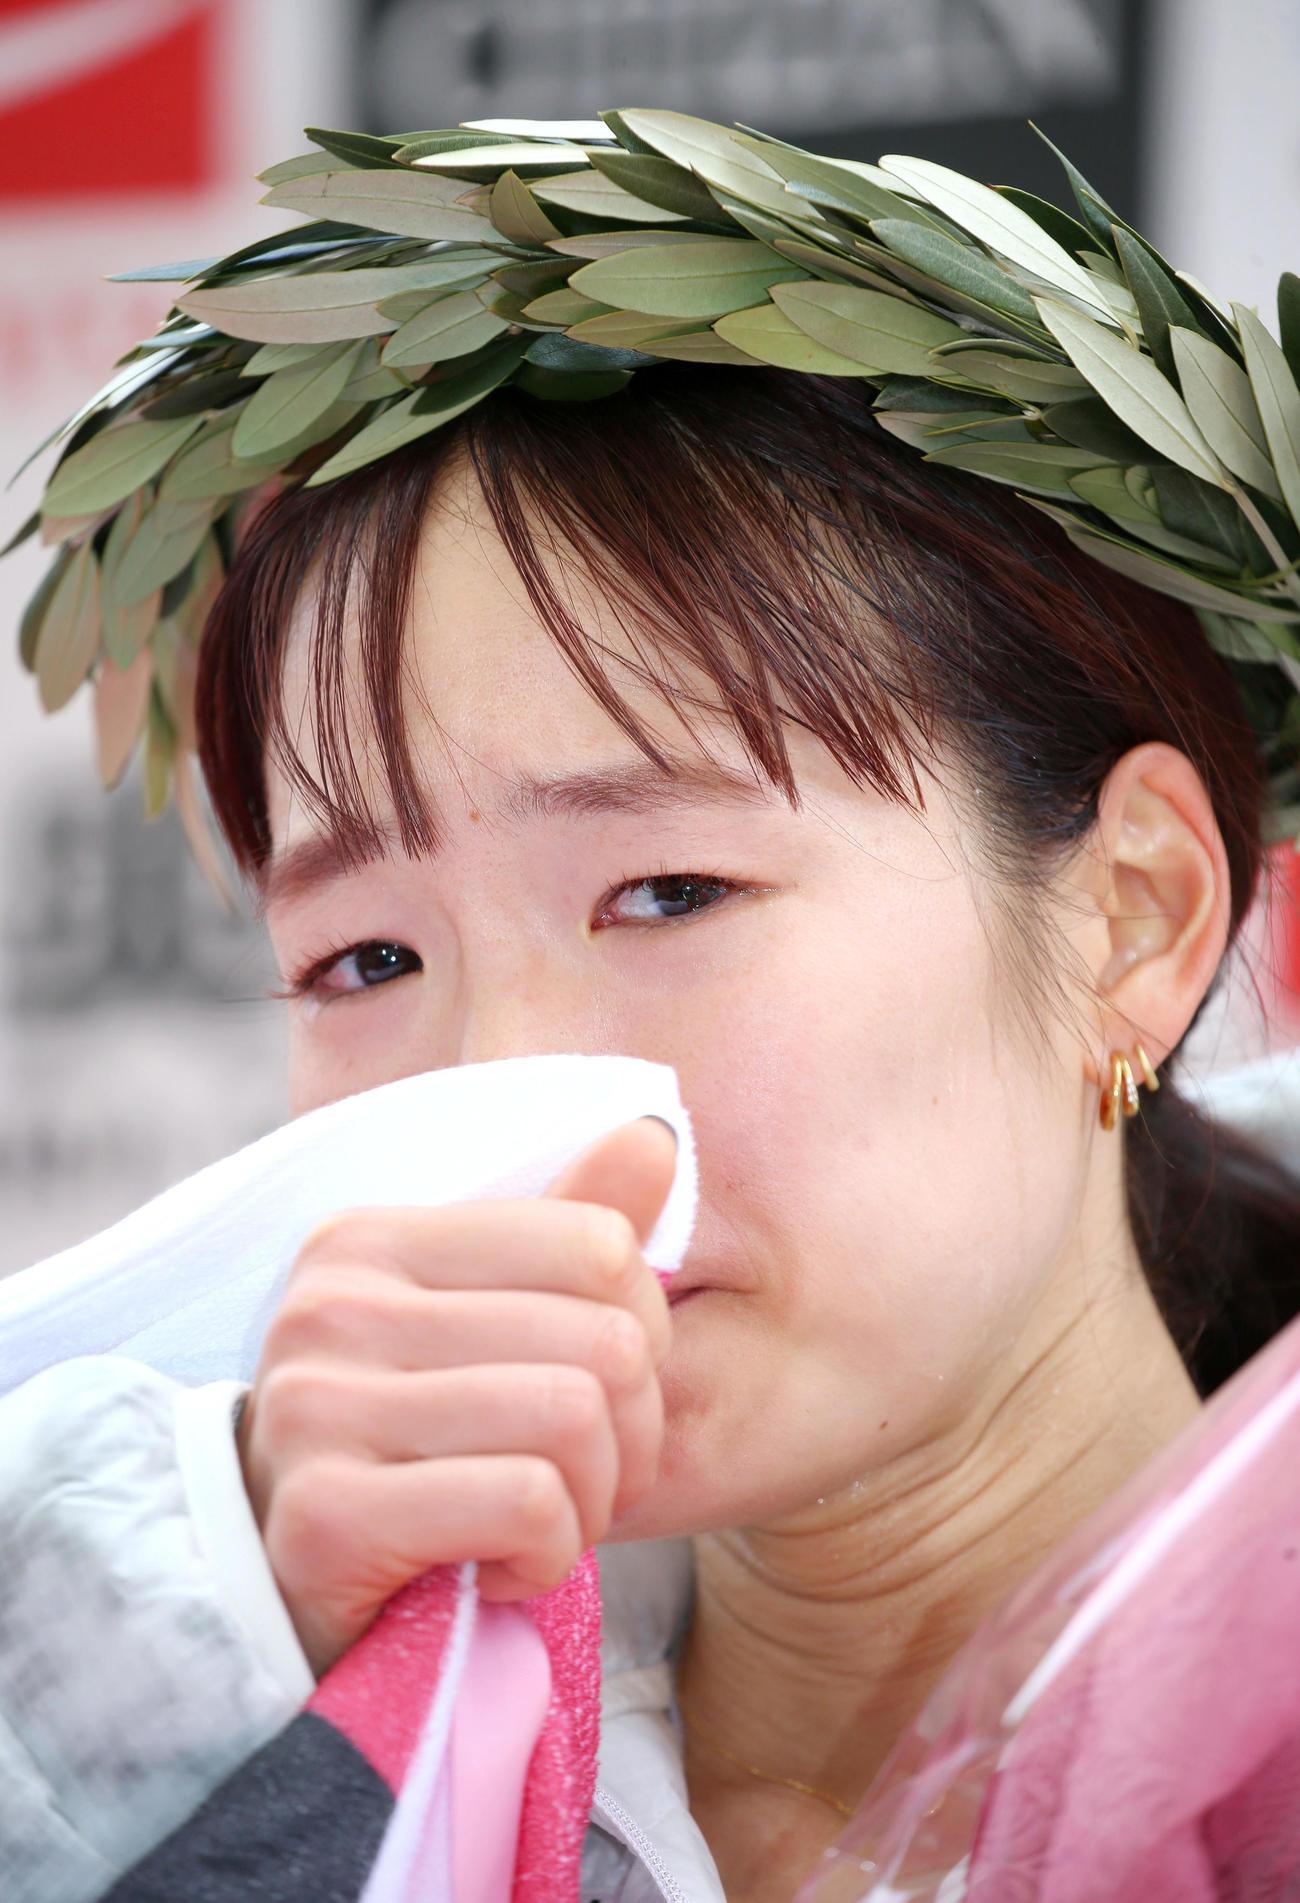 大会新記録で優勝した一山はインタビューで涙を流す(撮影・上山淳一)